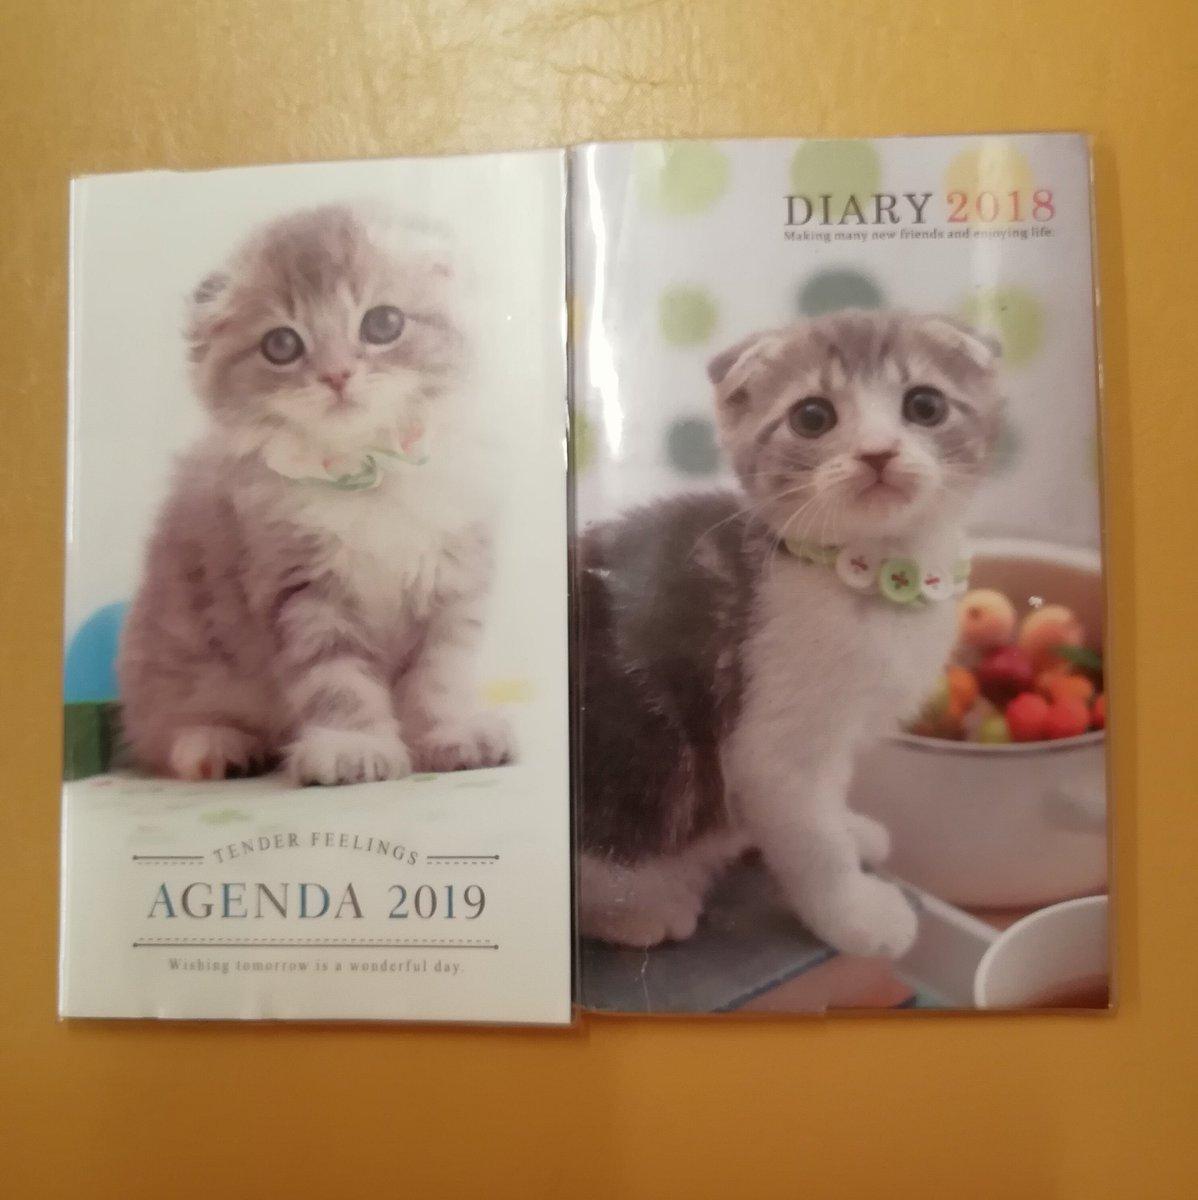 test ツイッターメディア - タイムラインに10連休とスケジュール帳の話が出てきたので便乗  連休はまったくありがたくないです 自分の休み云々ではなく別の理由で  スケジュール帳は一昨年からこれ (+スマホのカレンダーフル活用) いぬとか他の動物もあります  #キャンドゥ https://t.co/rjgIHFYsMO